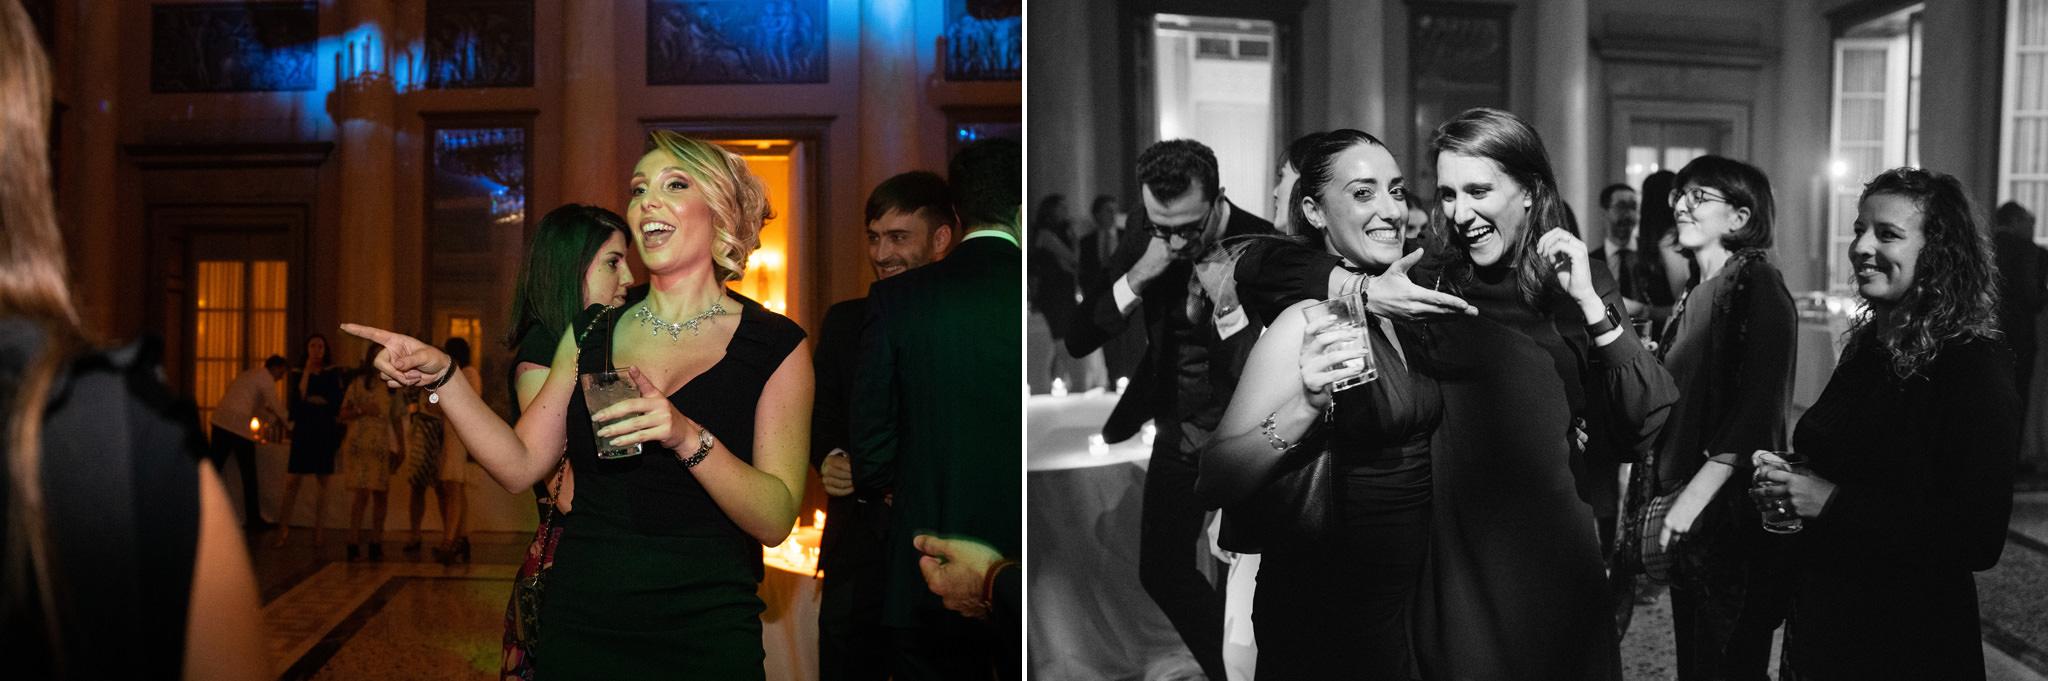 Gli invitati si lanciano in balli impazziti presso la location della Società del Giardino